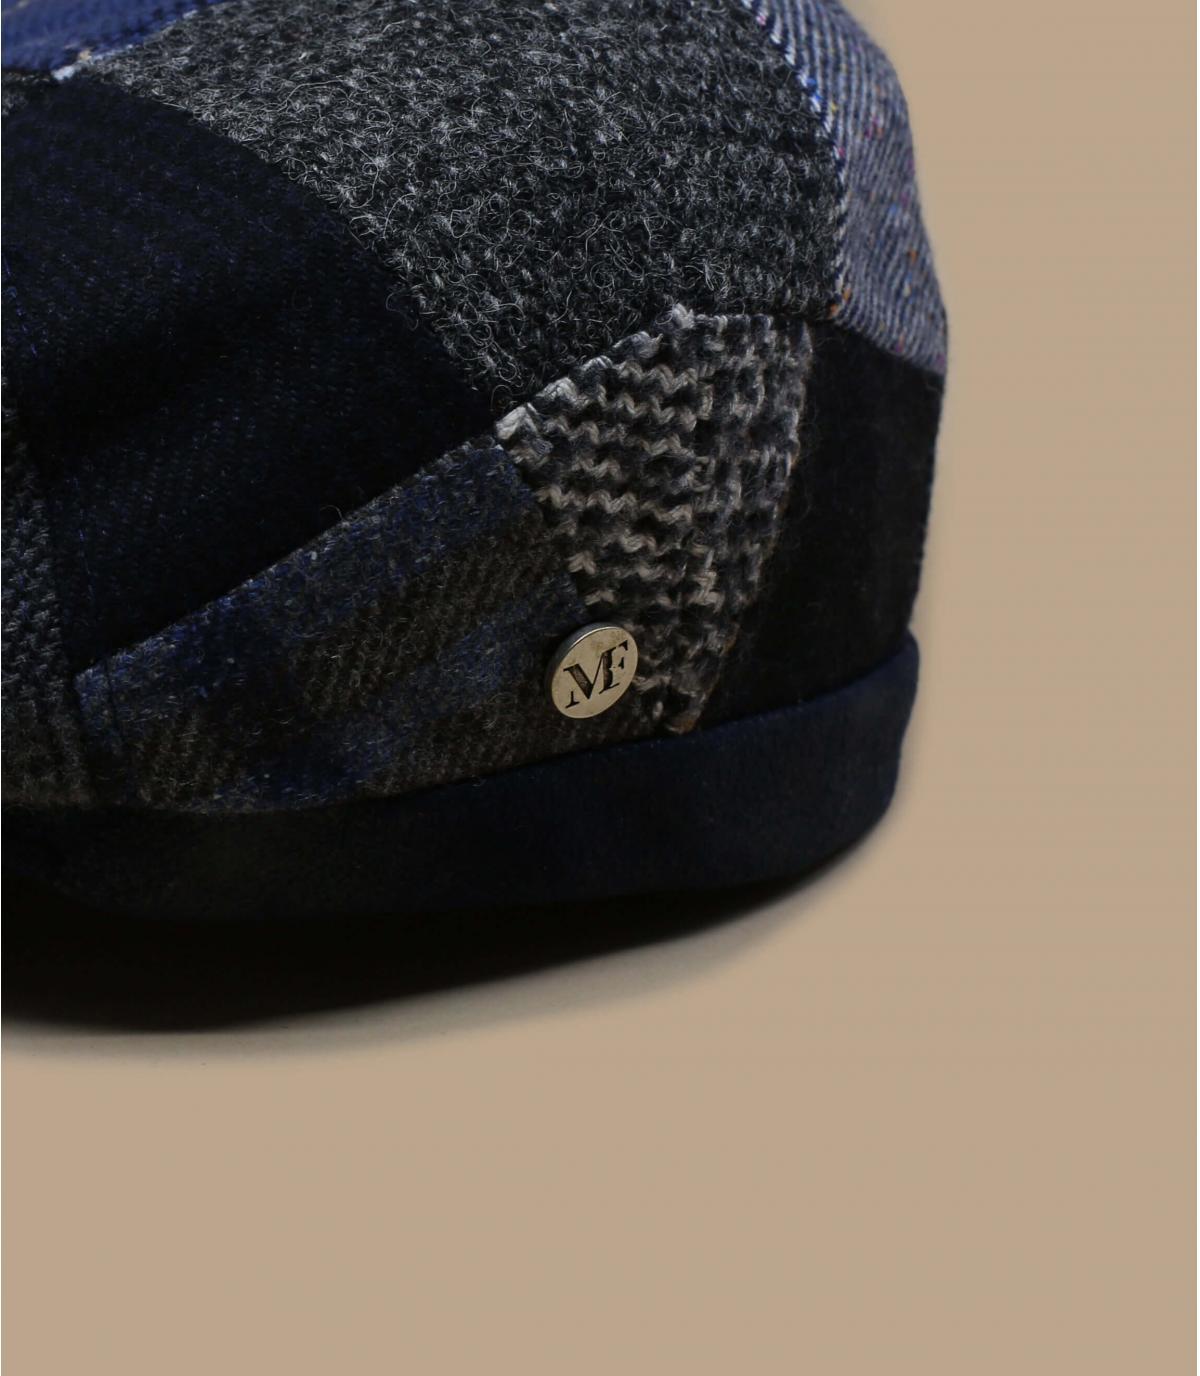 Details Marius grau blau - Abbildung 2